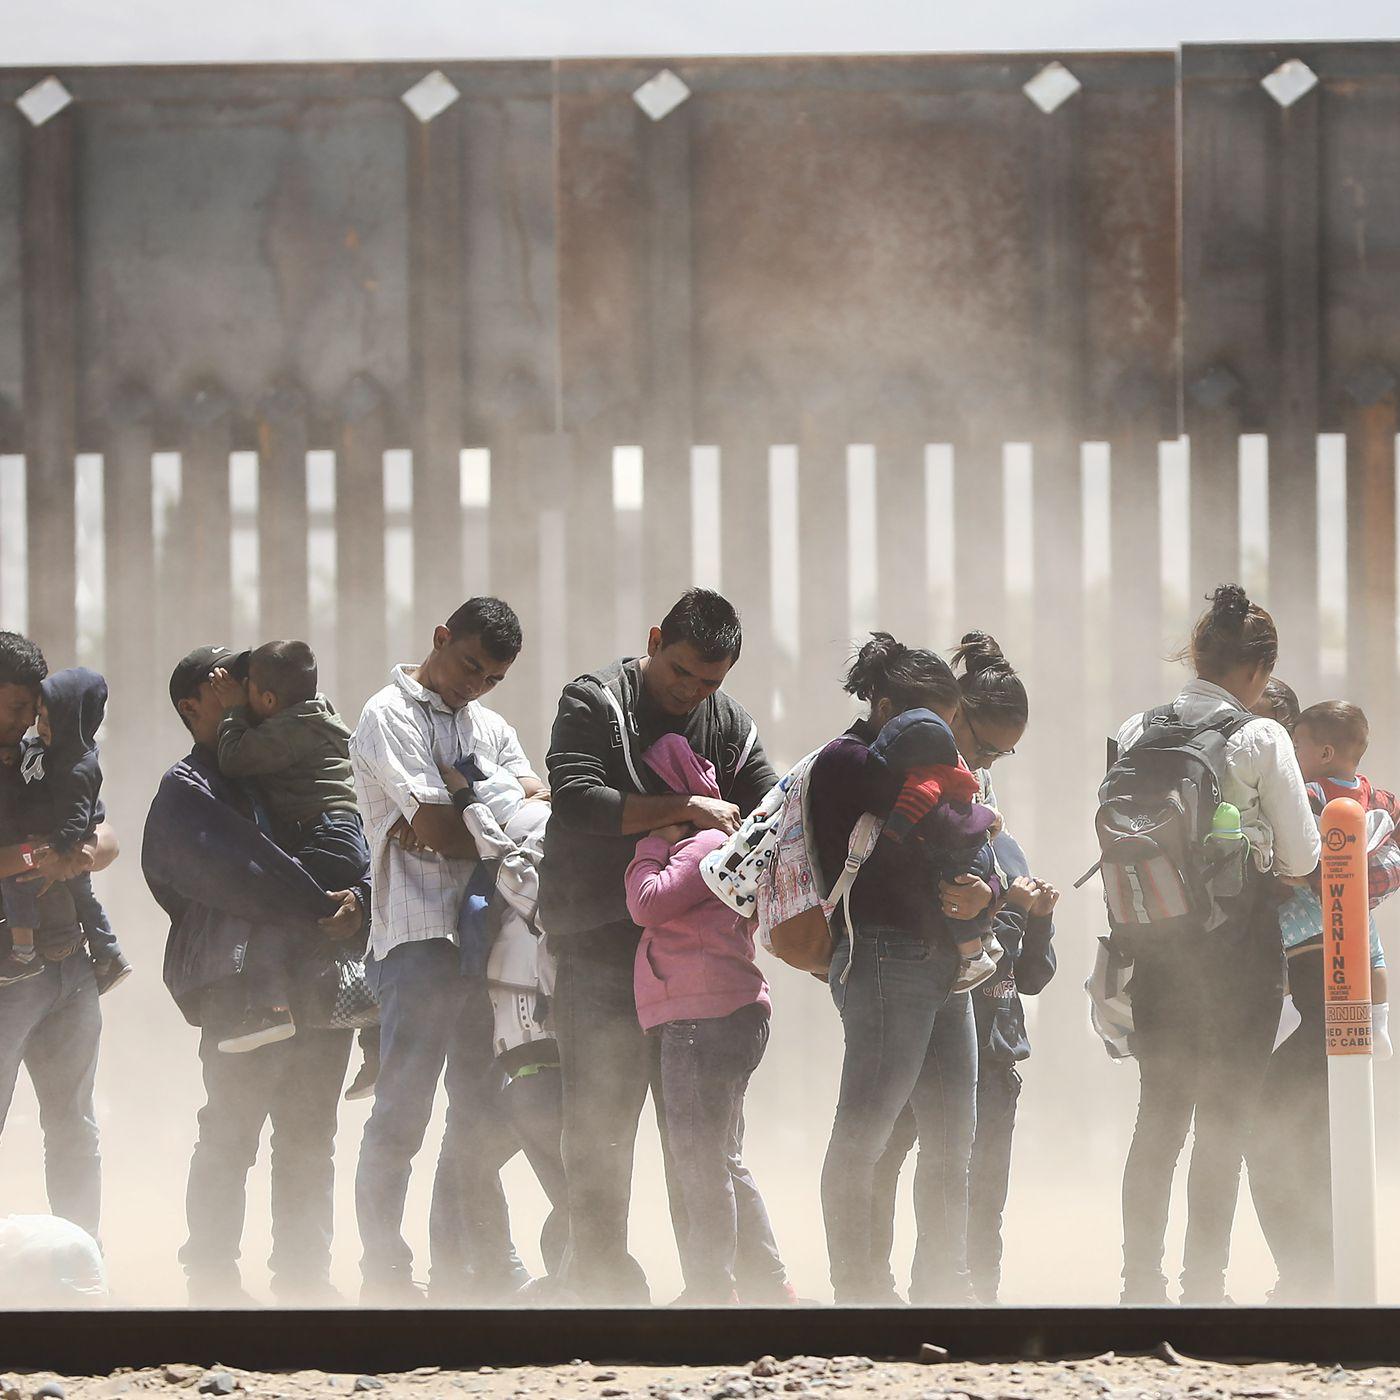 vox.com - Eric Kleefeld - Federal judge blocks part of Trump's US-Mexico border wall